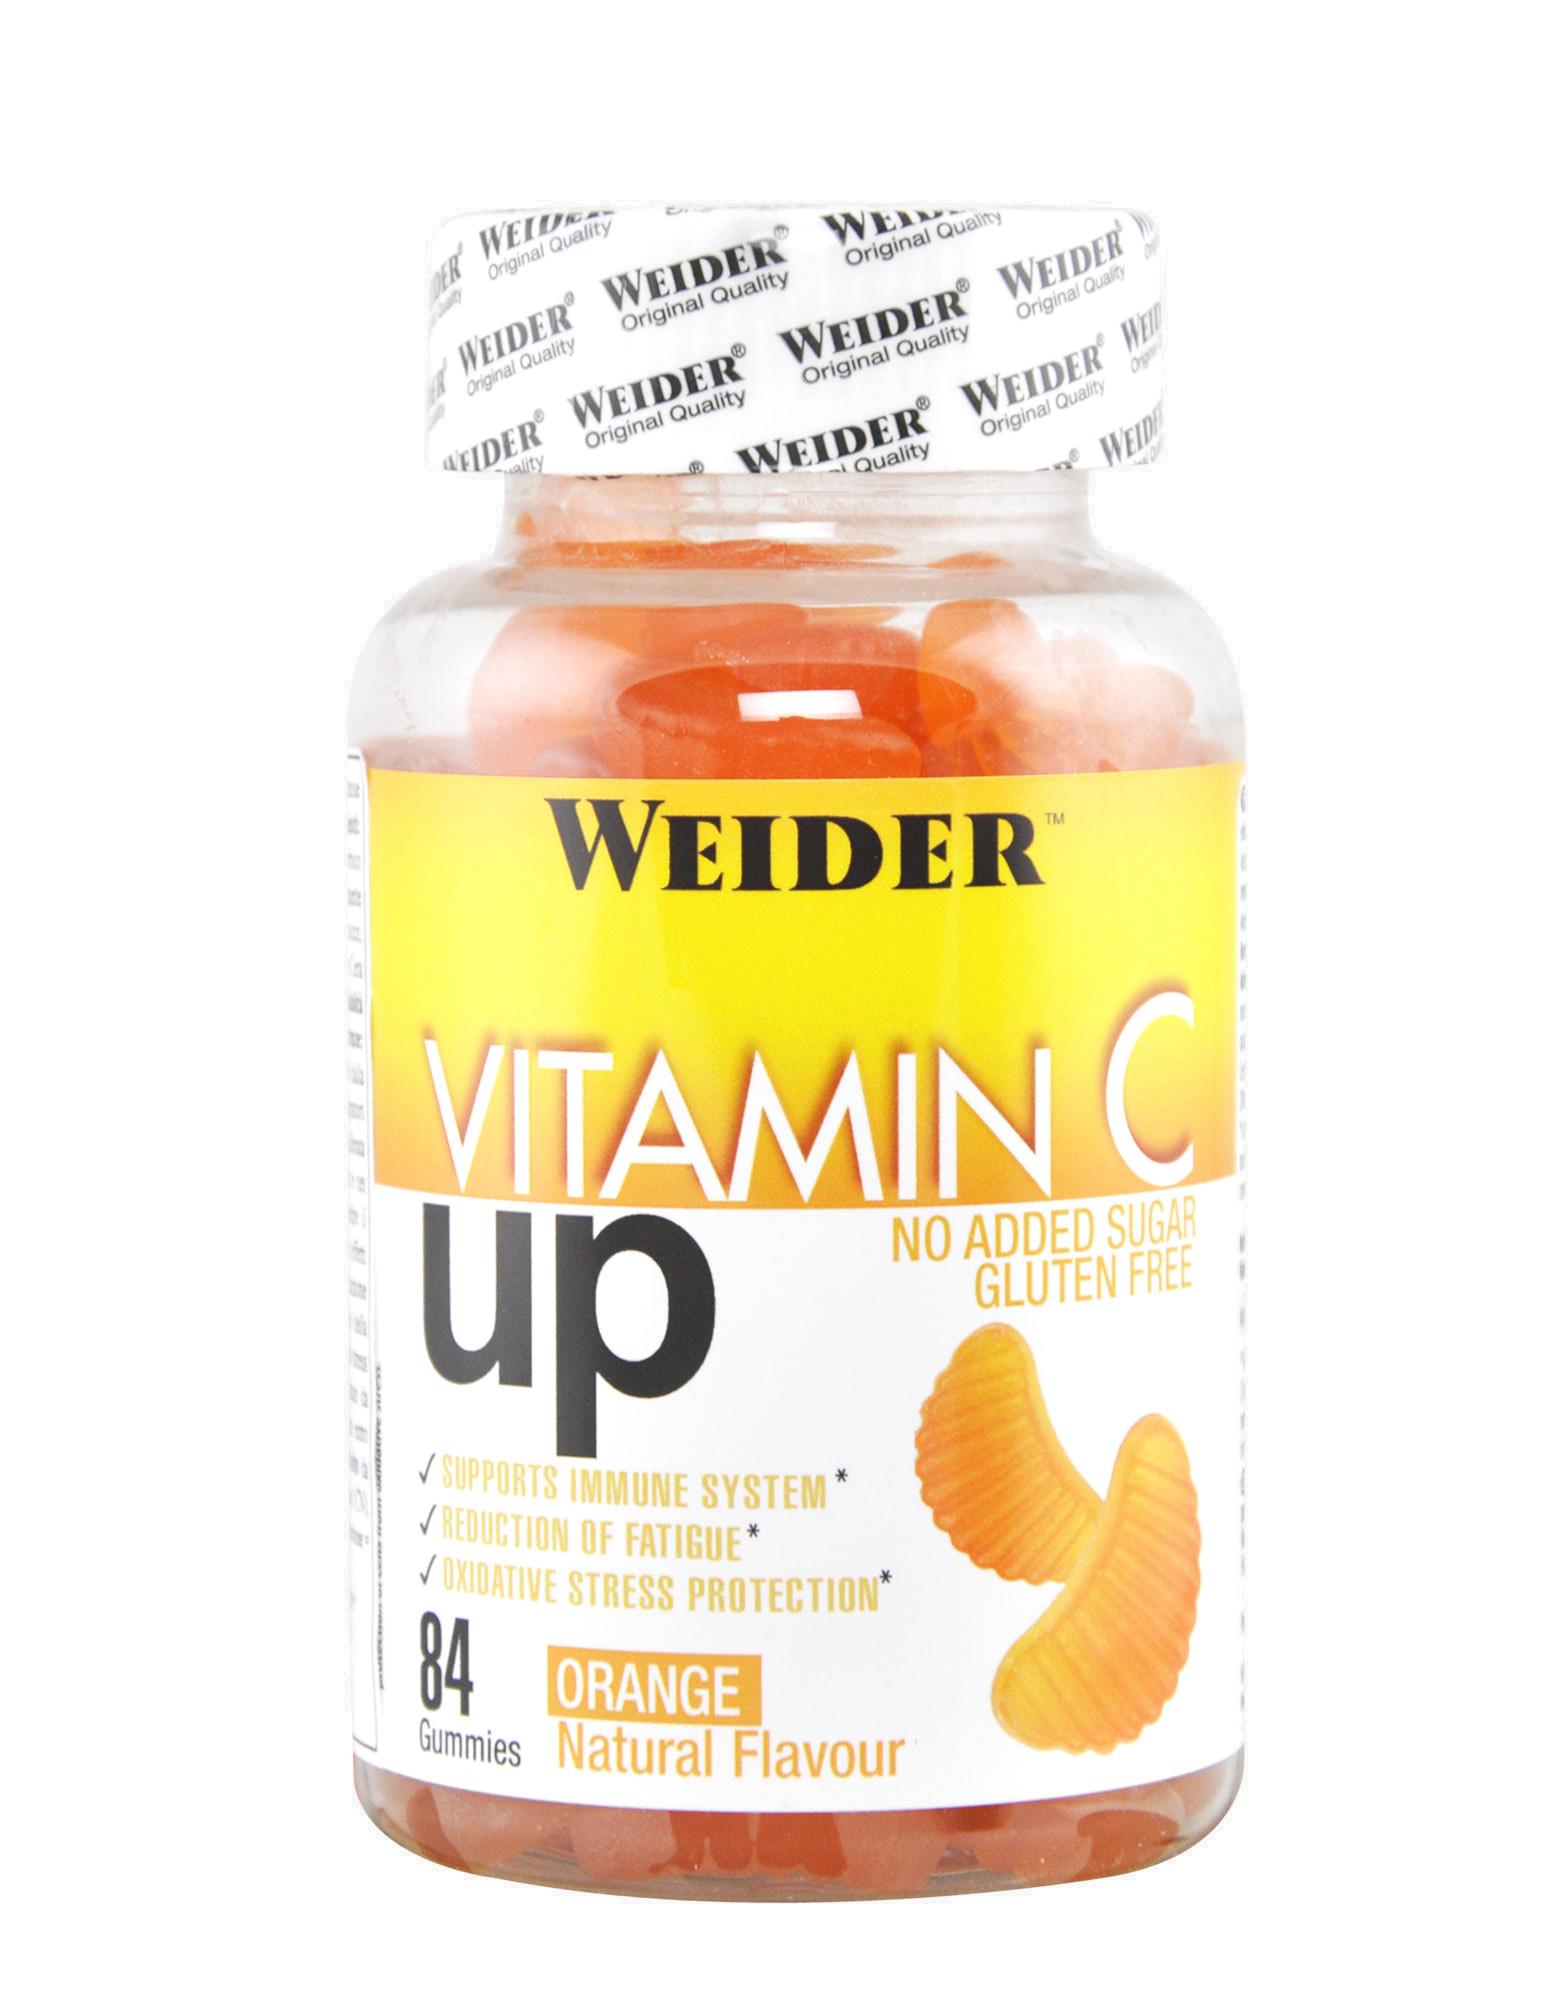 Vitamin C Up WEIDER (84 gummies) € 8,75